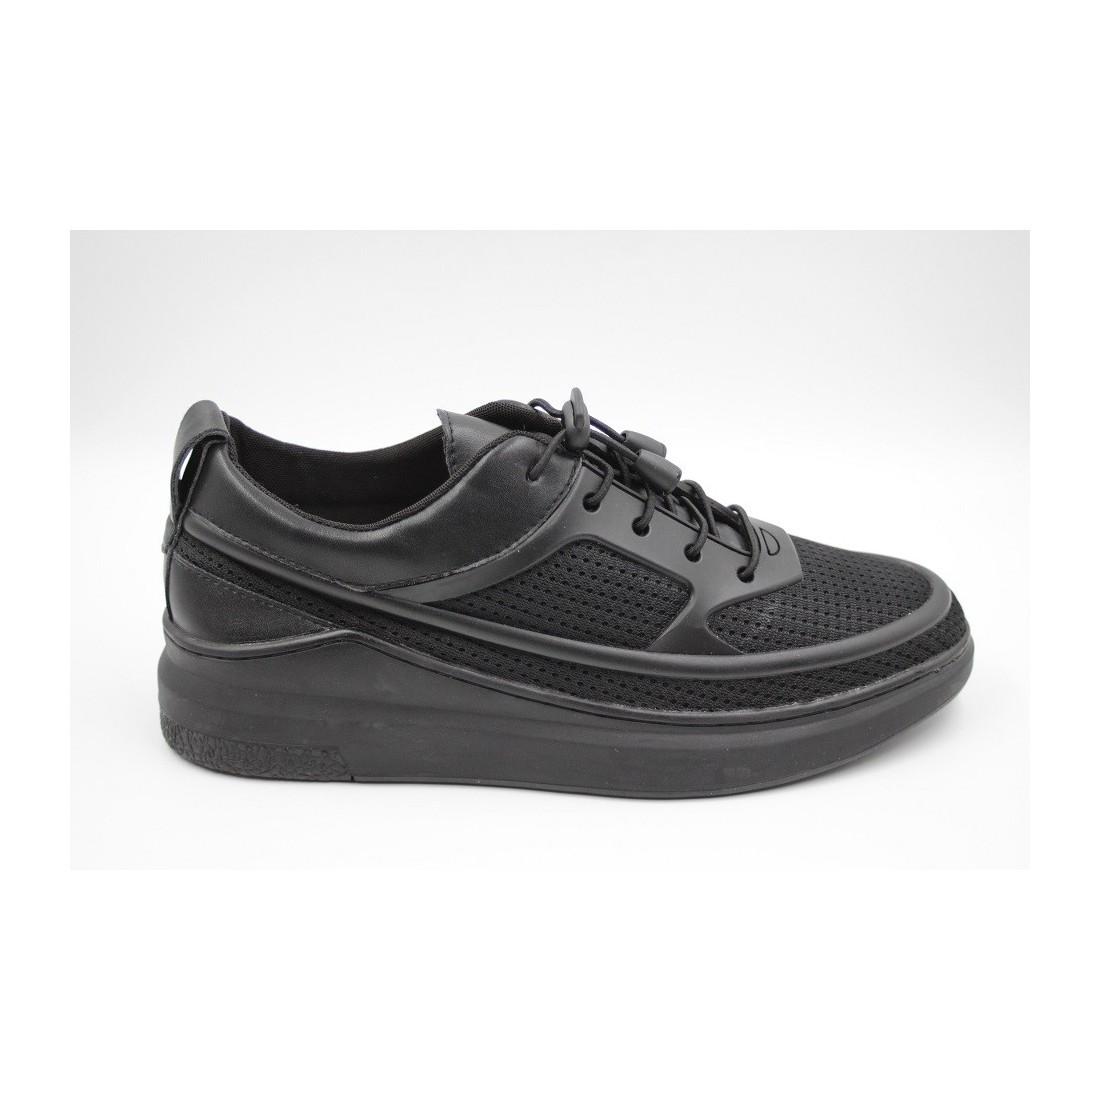 Sneakers barbati ruptured negru